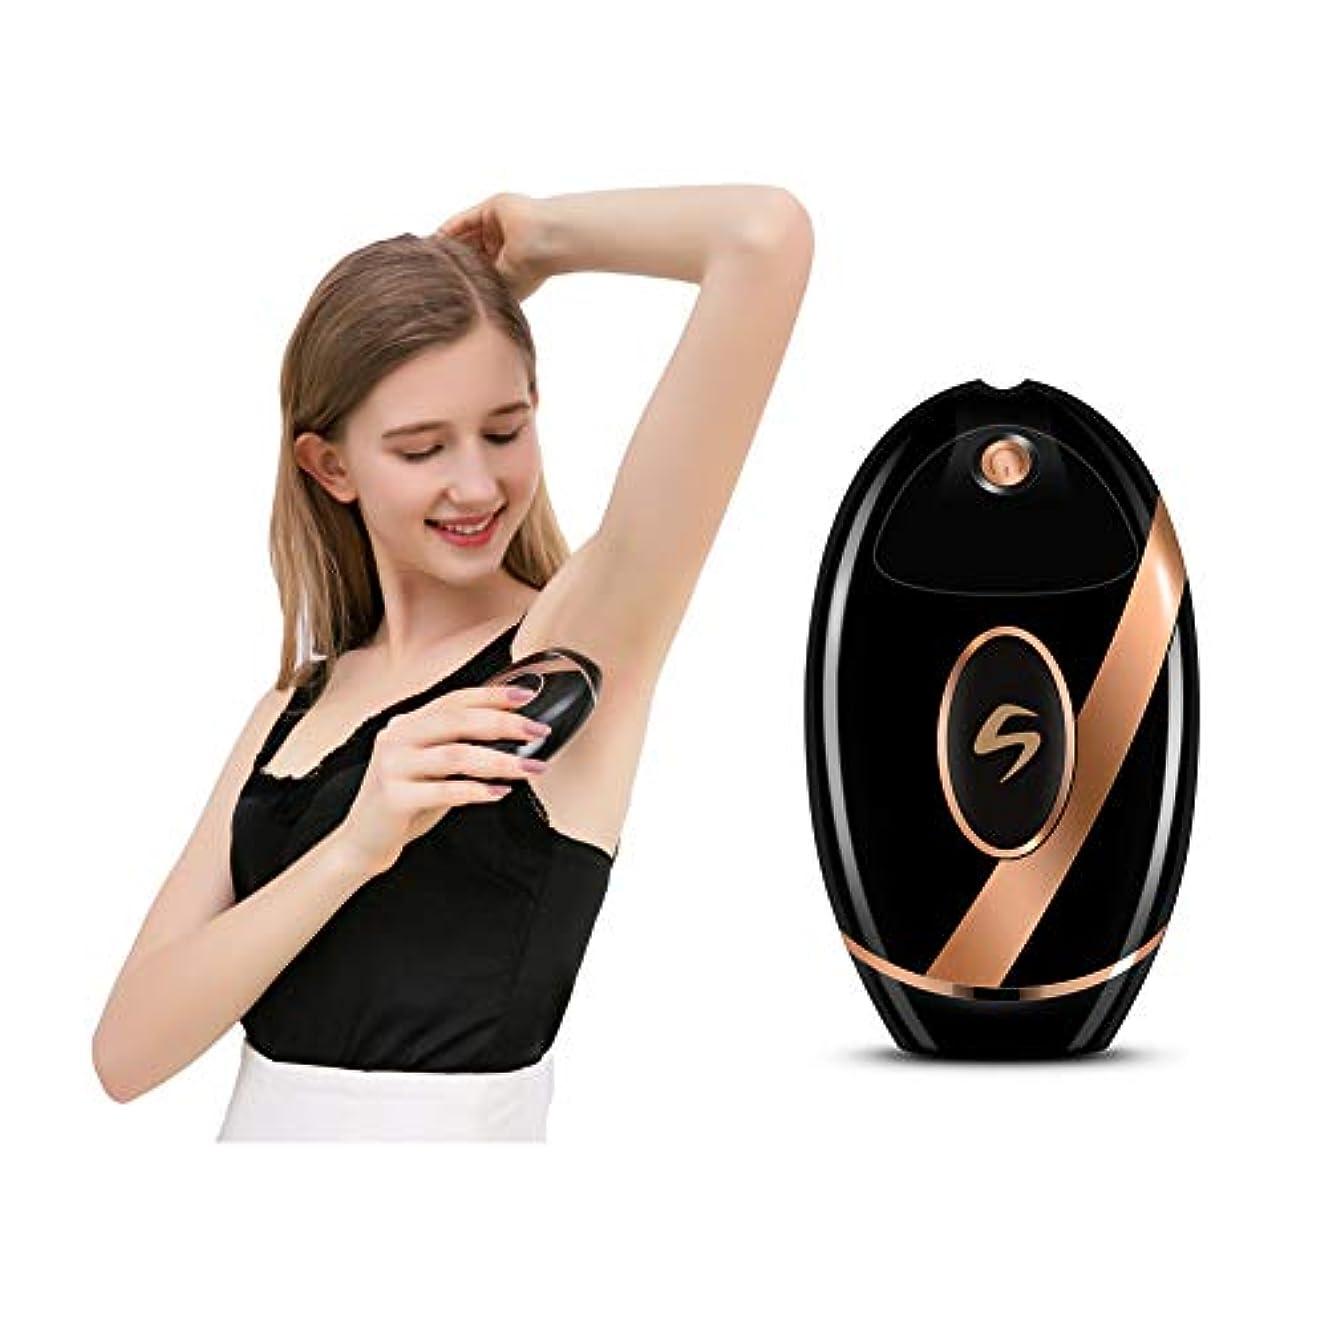 覗くインシデントシングル脱毛システム、350,000点滅家庭での顔と体の永久的な脱毛装置、レディースシェーバー、メガネ付き